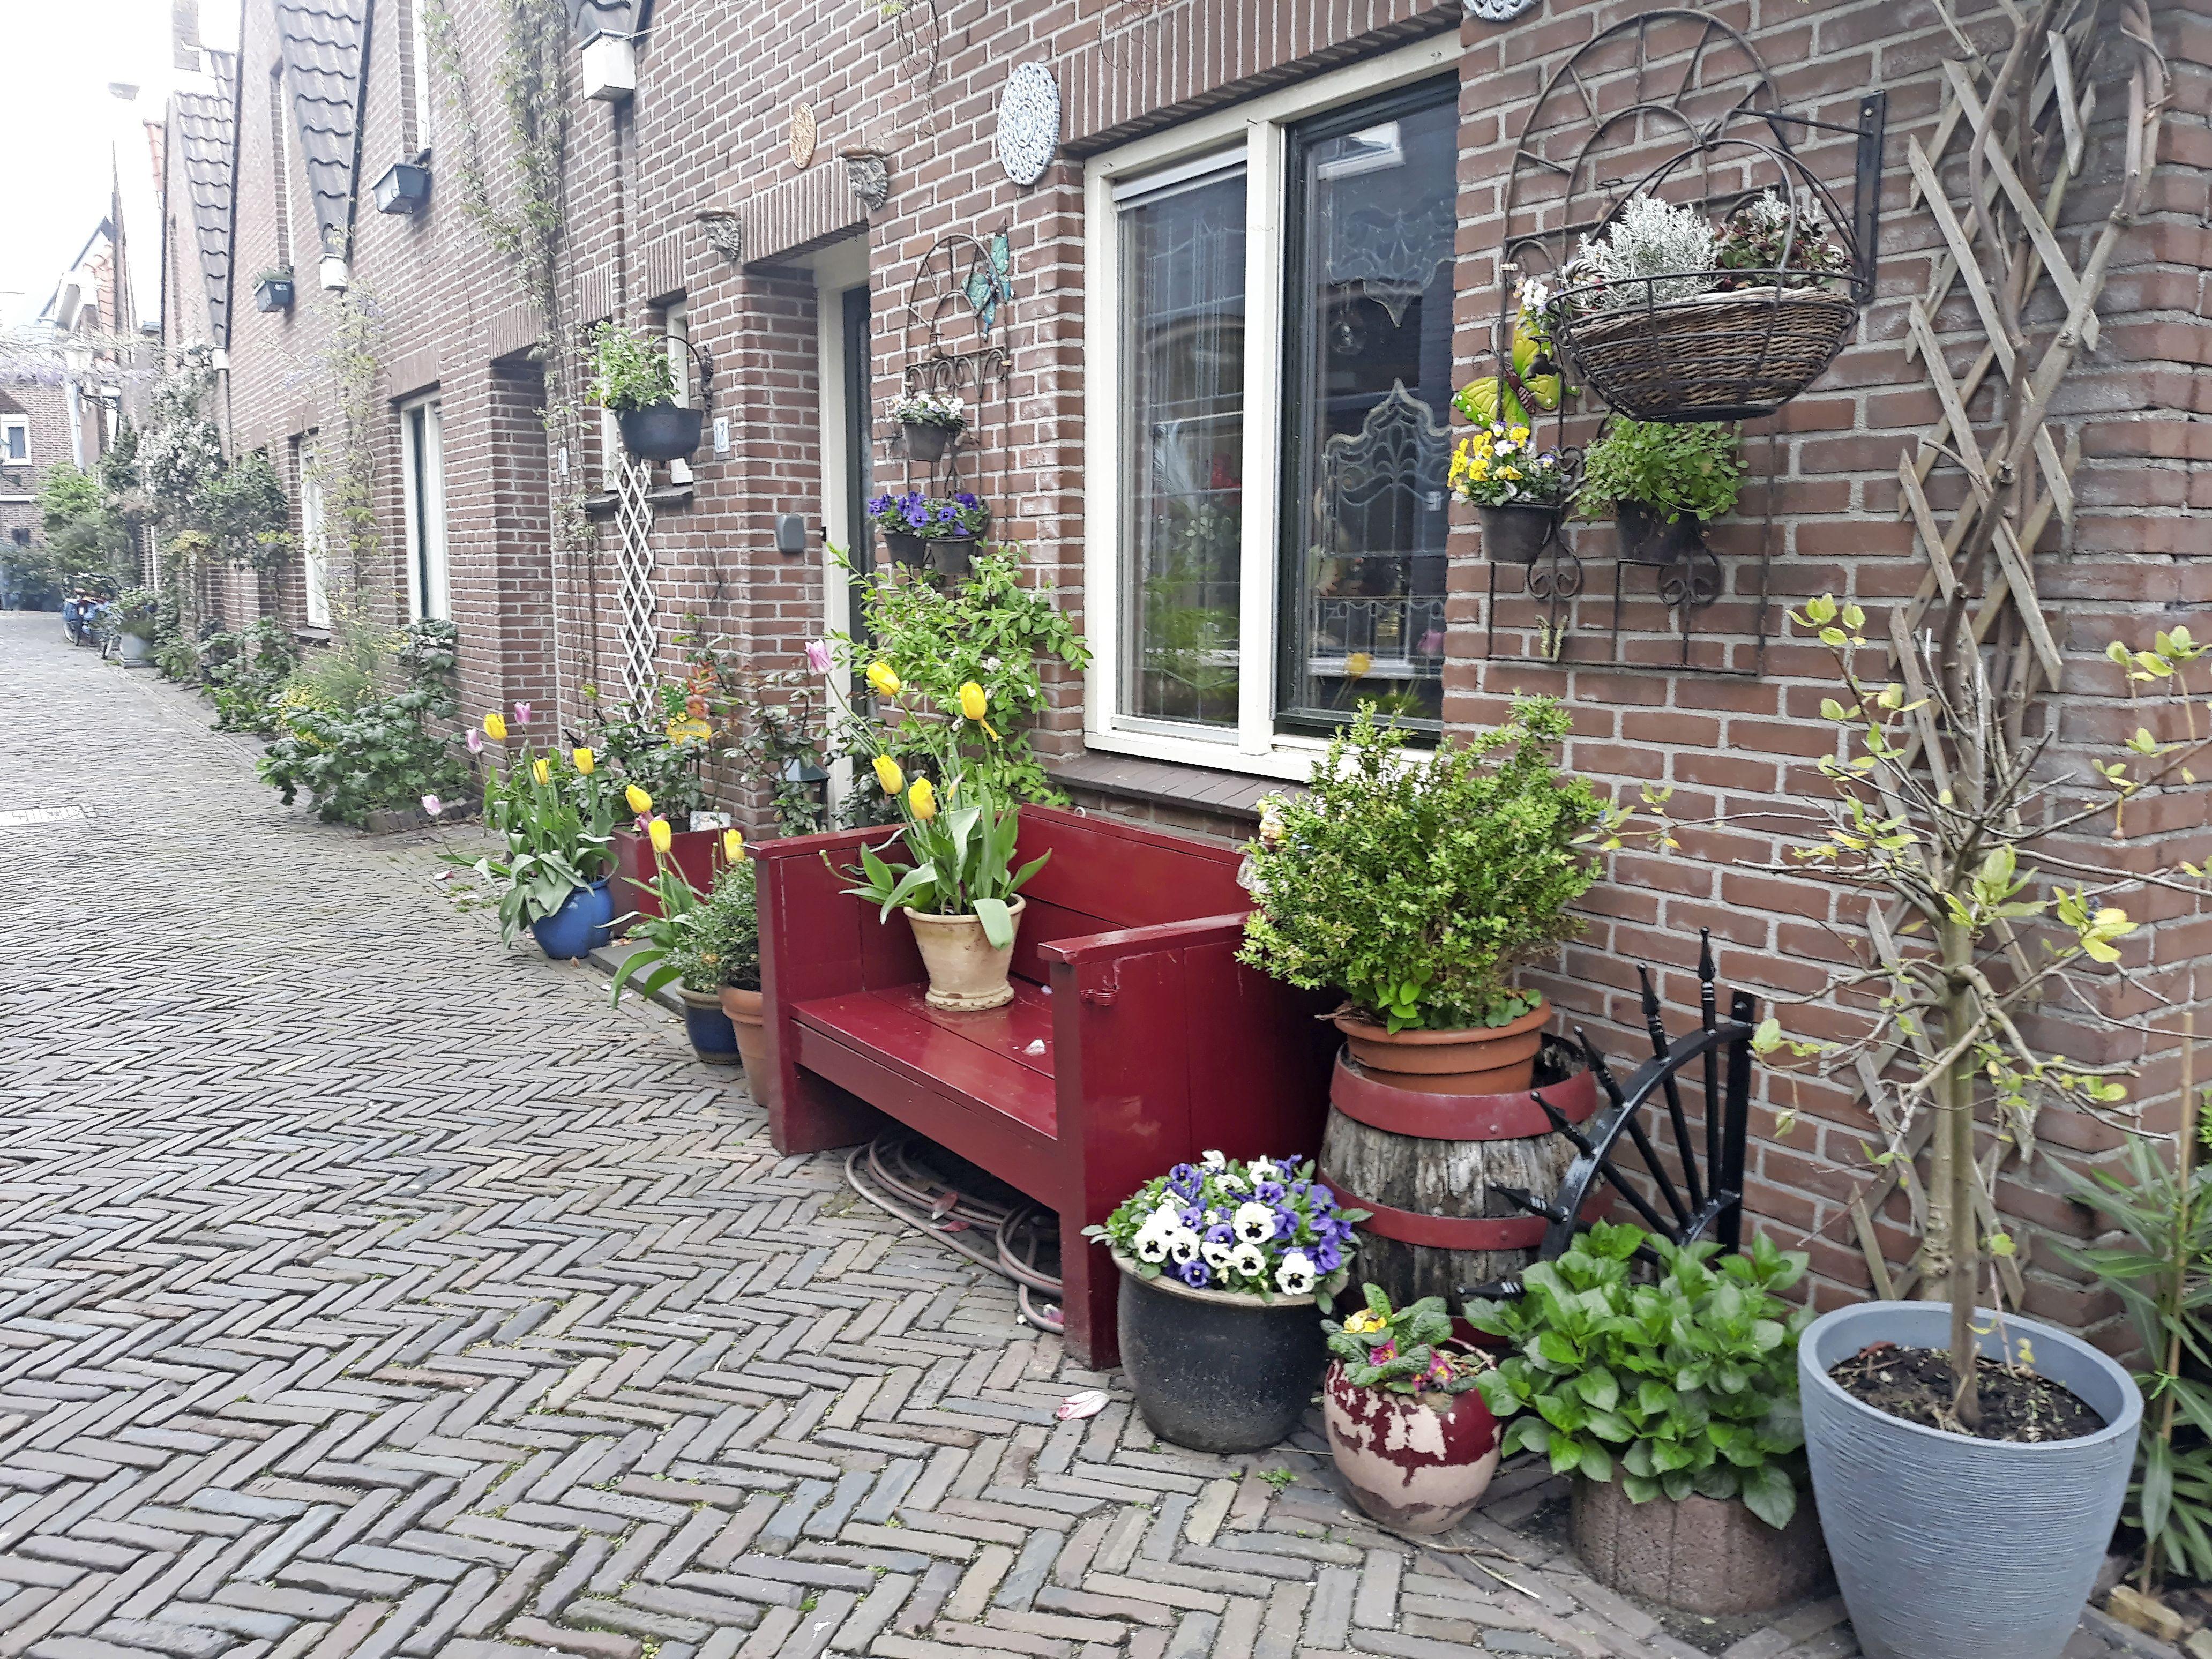 Slechte nachtrust door hitte, straat blank door clusterbuien. Negen van de tien inwoners in regio Alkmaar zijn bereid tot actie voor het klimaat